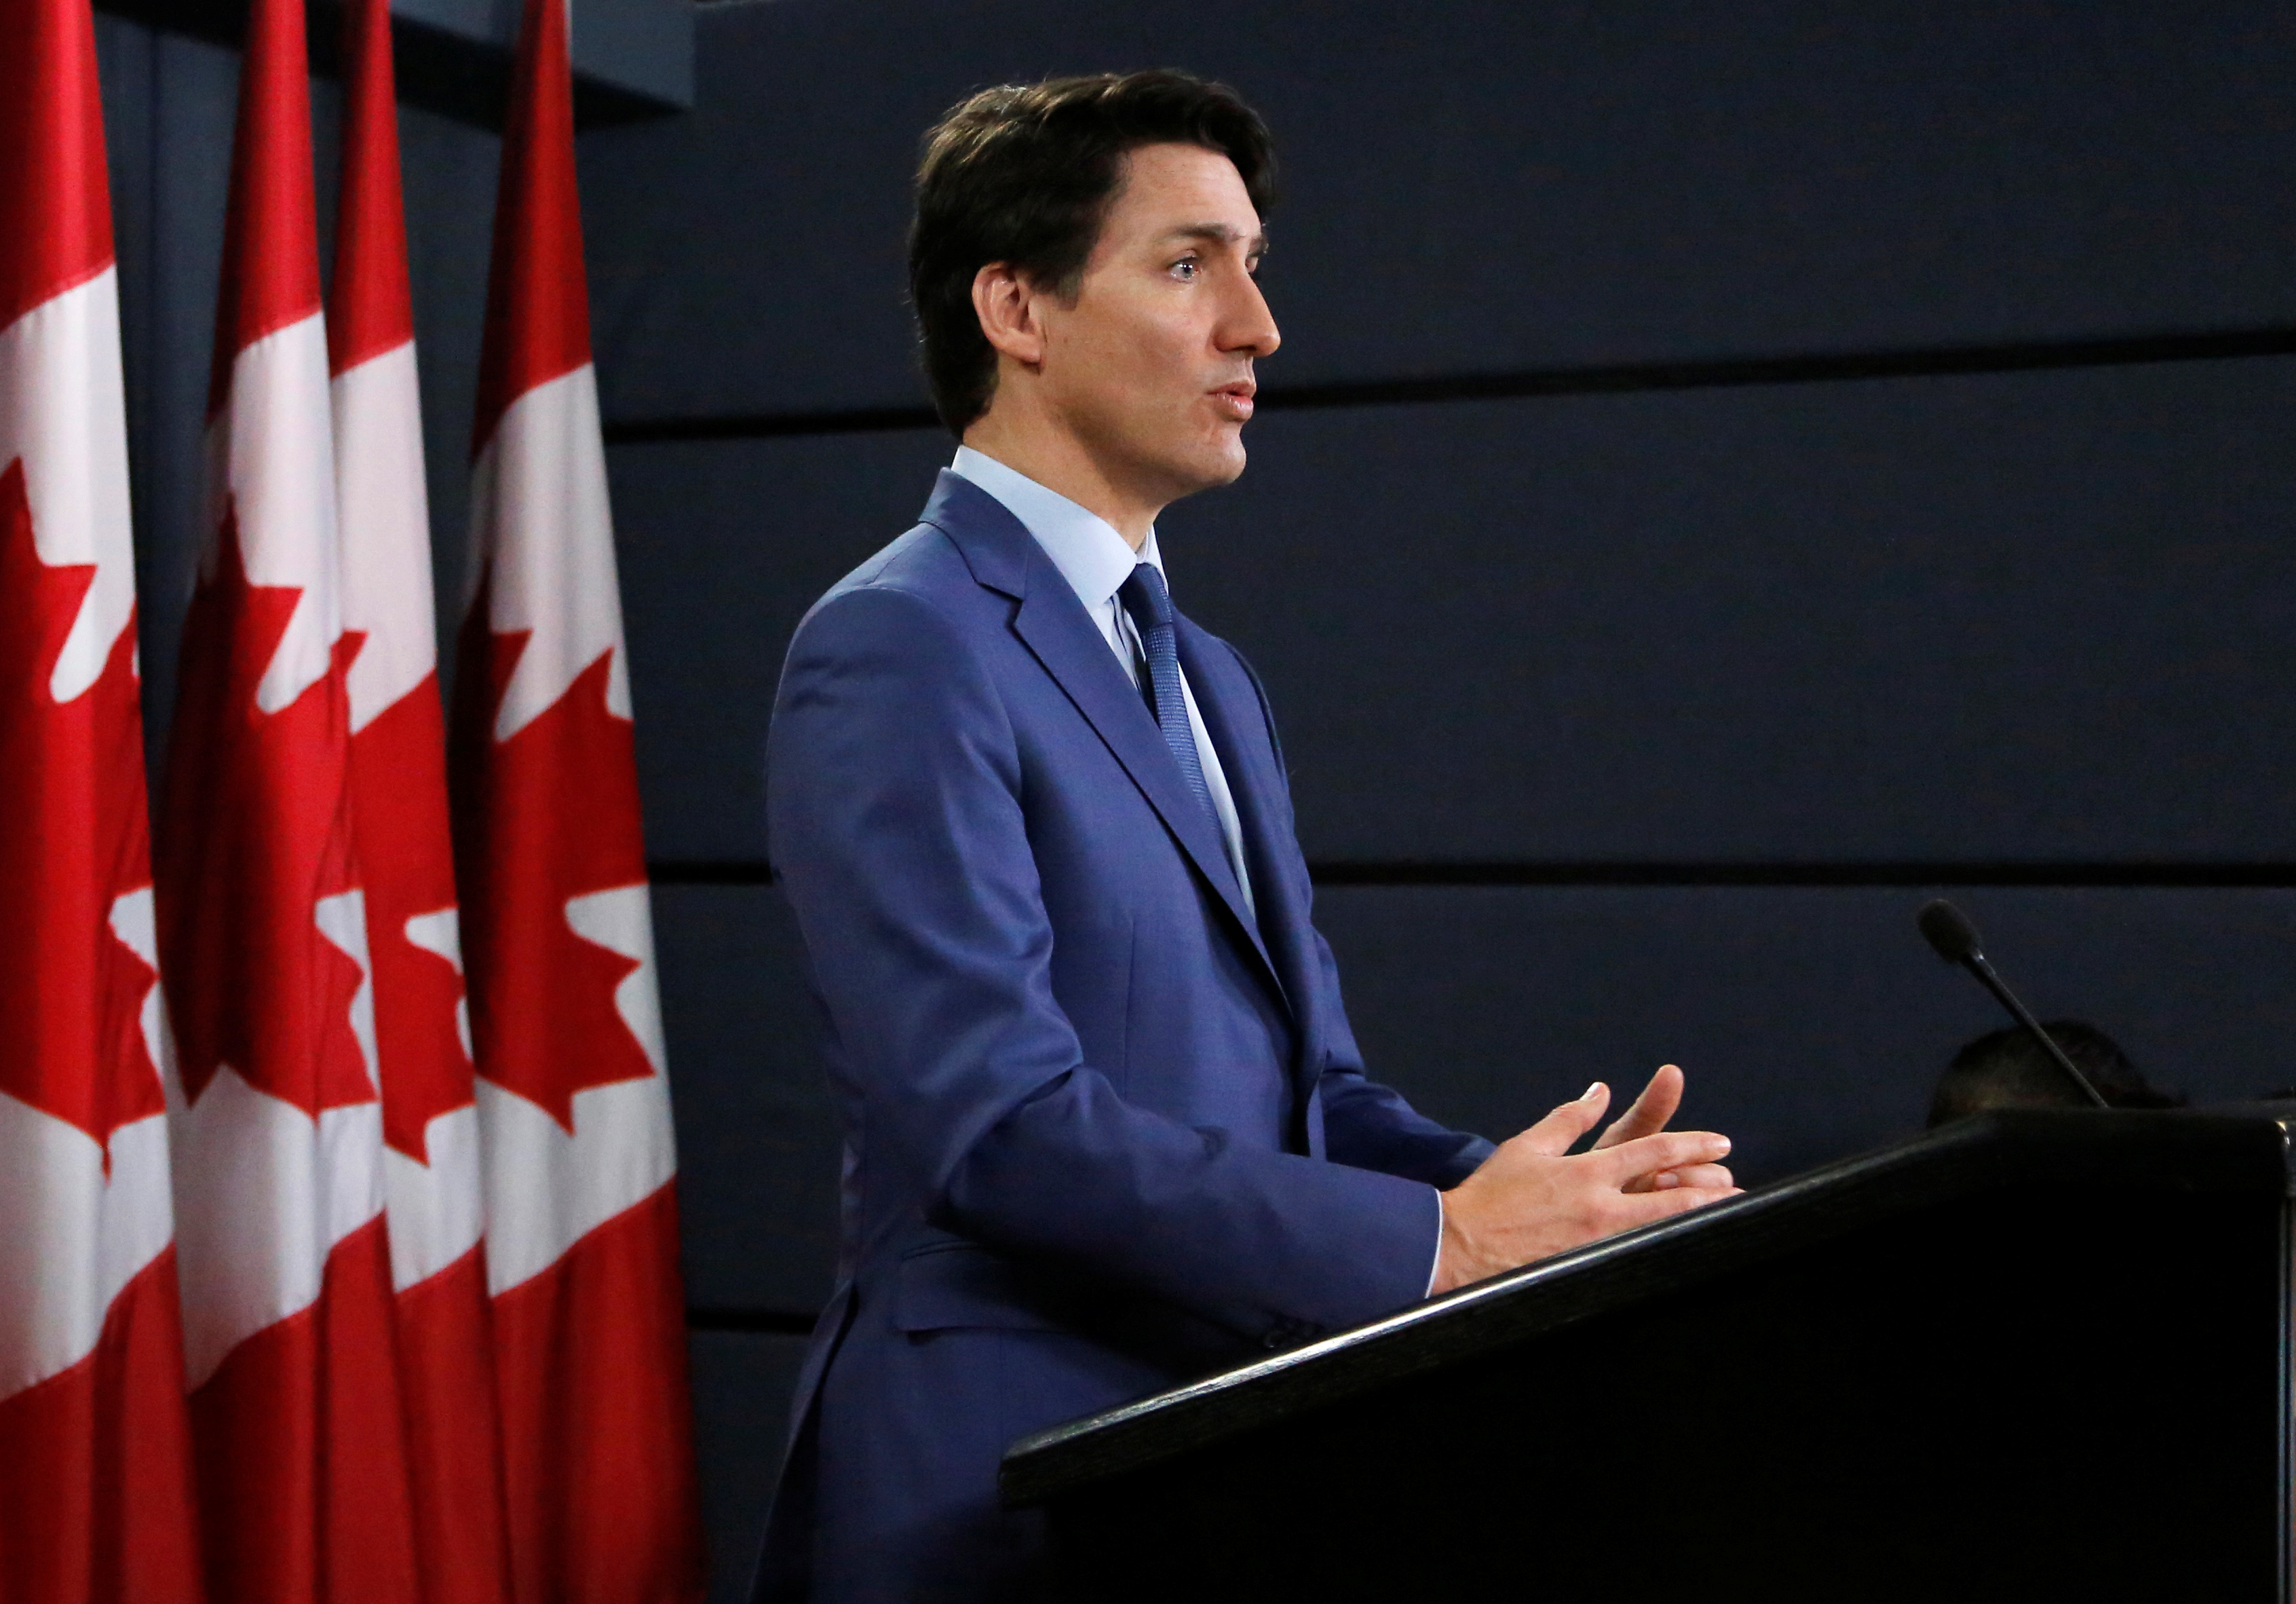 El primer ministro canadiense Justin Trudeau durante una conferencia de prensa este jueves en Ottawa (REUTERS/Patrick Doyle)